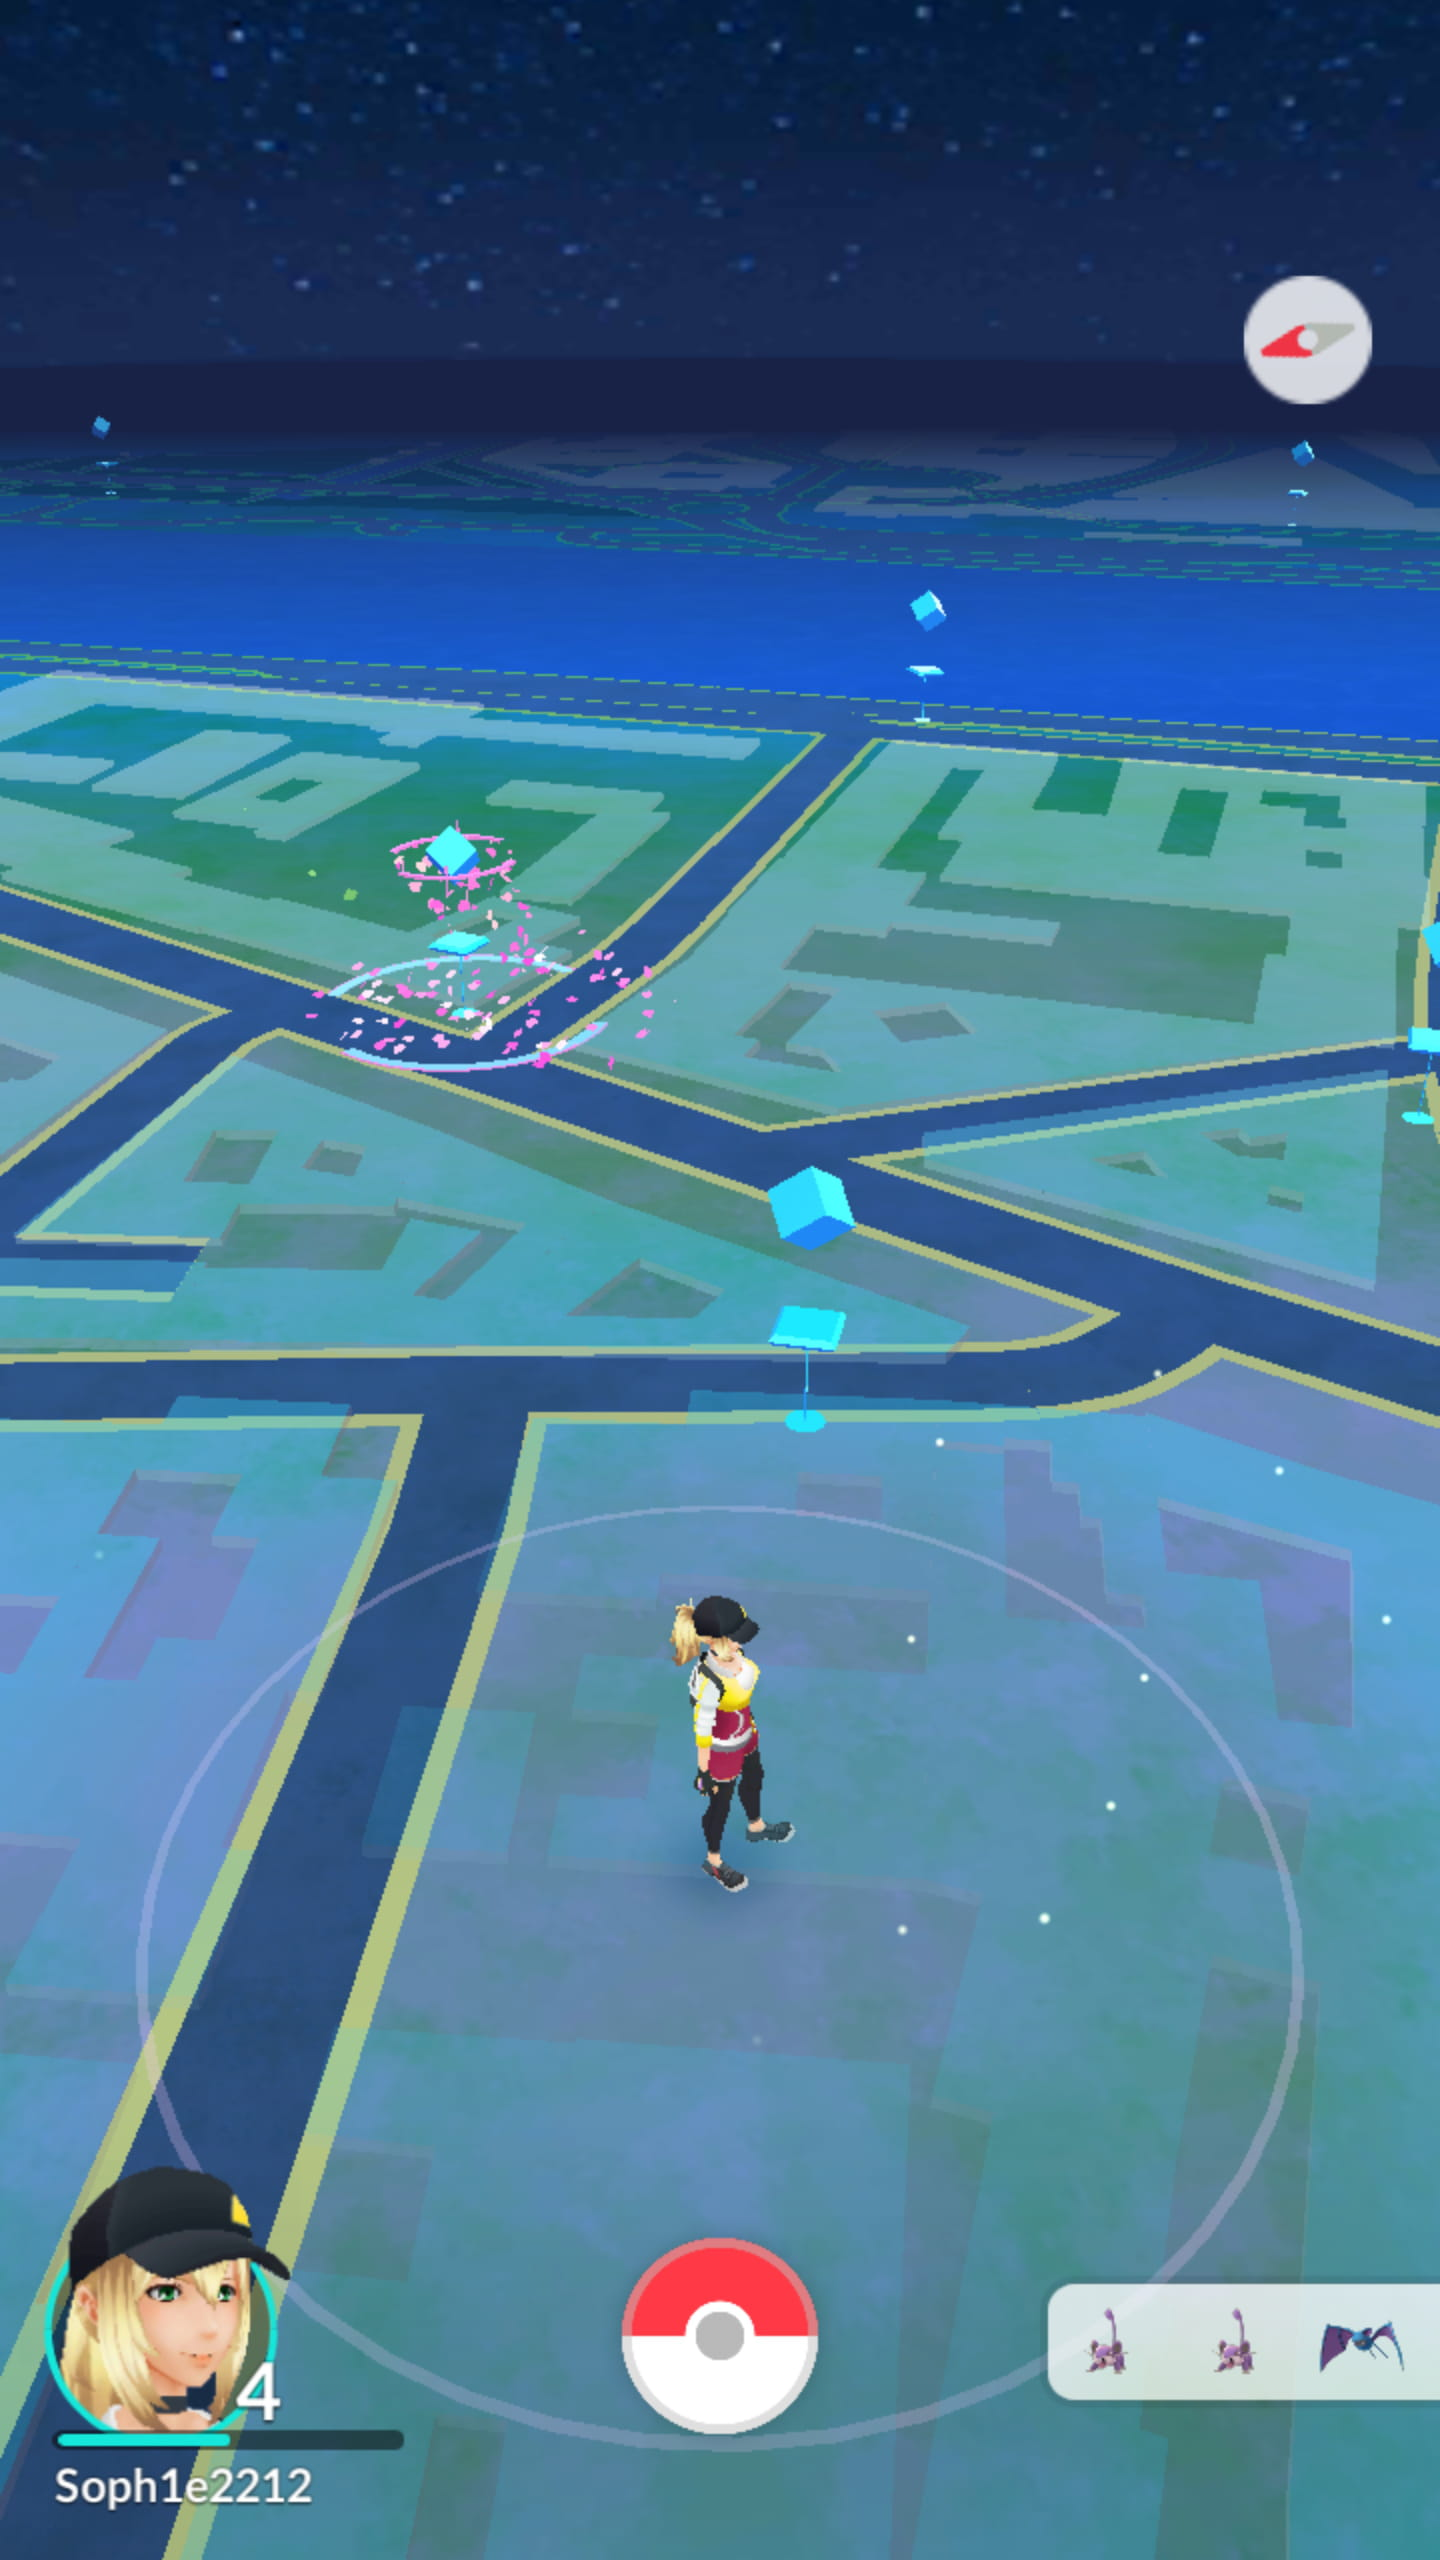 Pok mon go notre guide pour devenir le meilleur dresseur - Image de pokemon ...